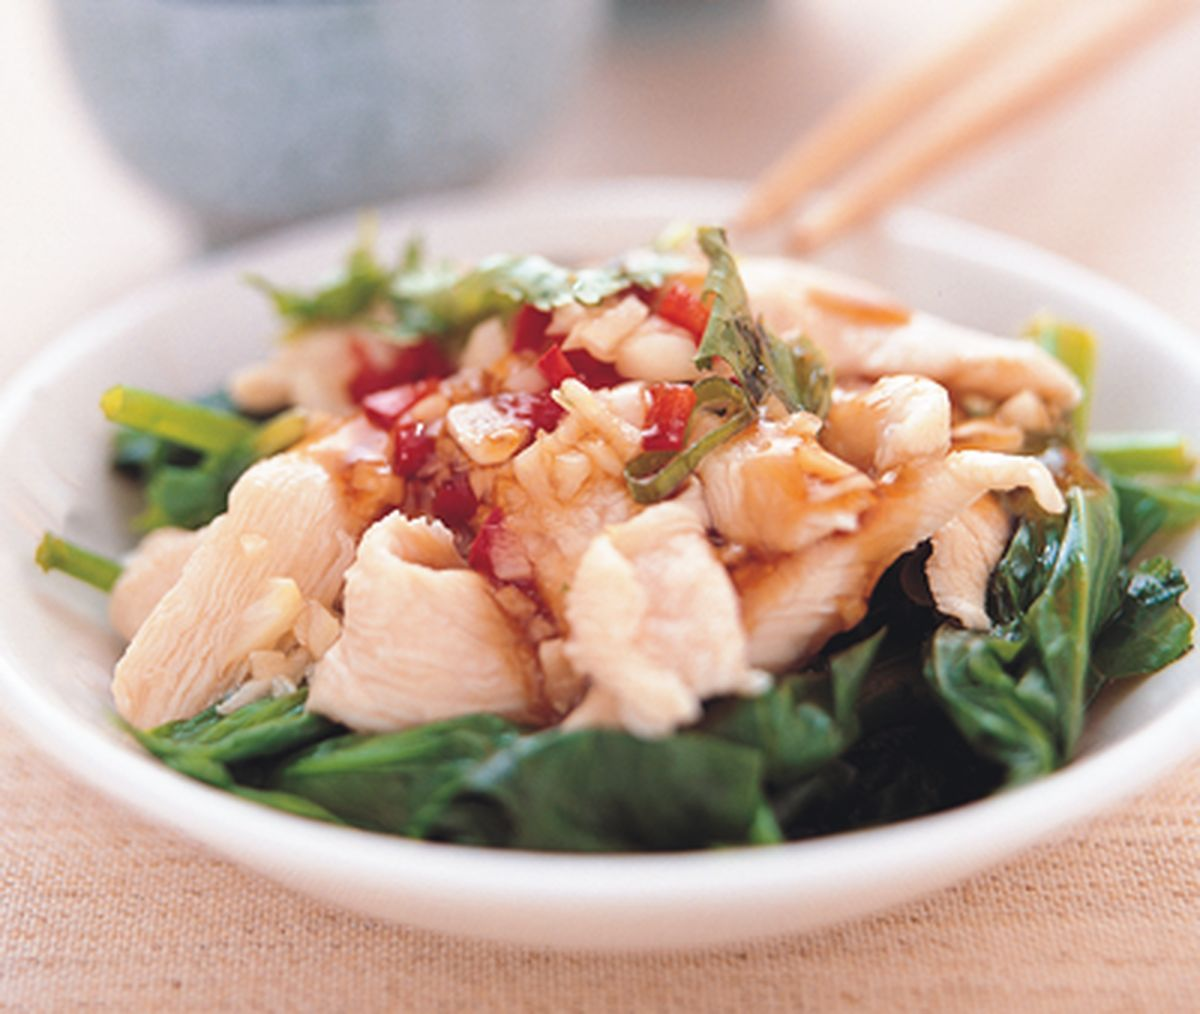 食譜:蒜味涼拌雞肉